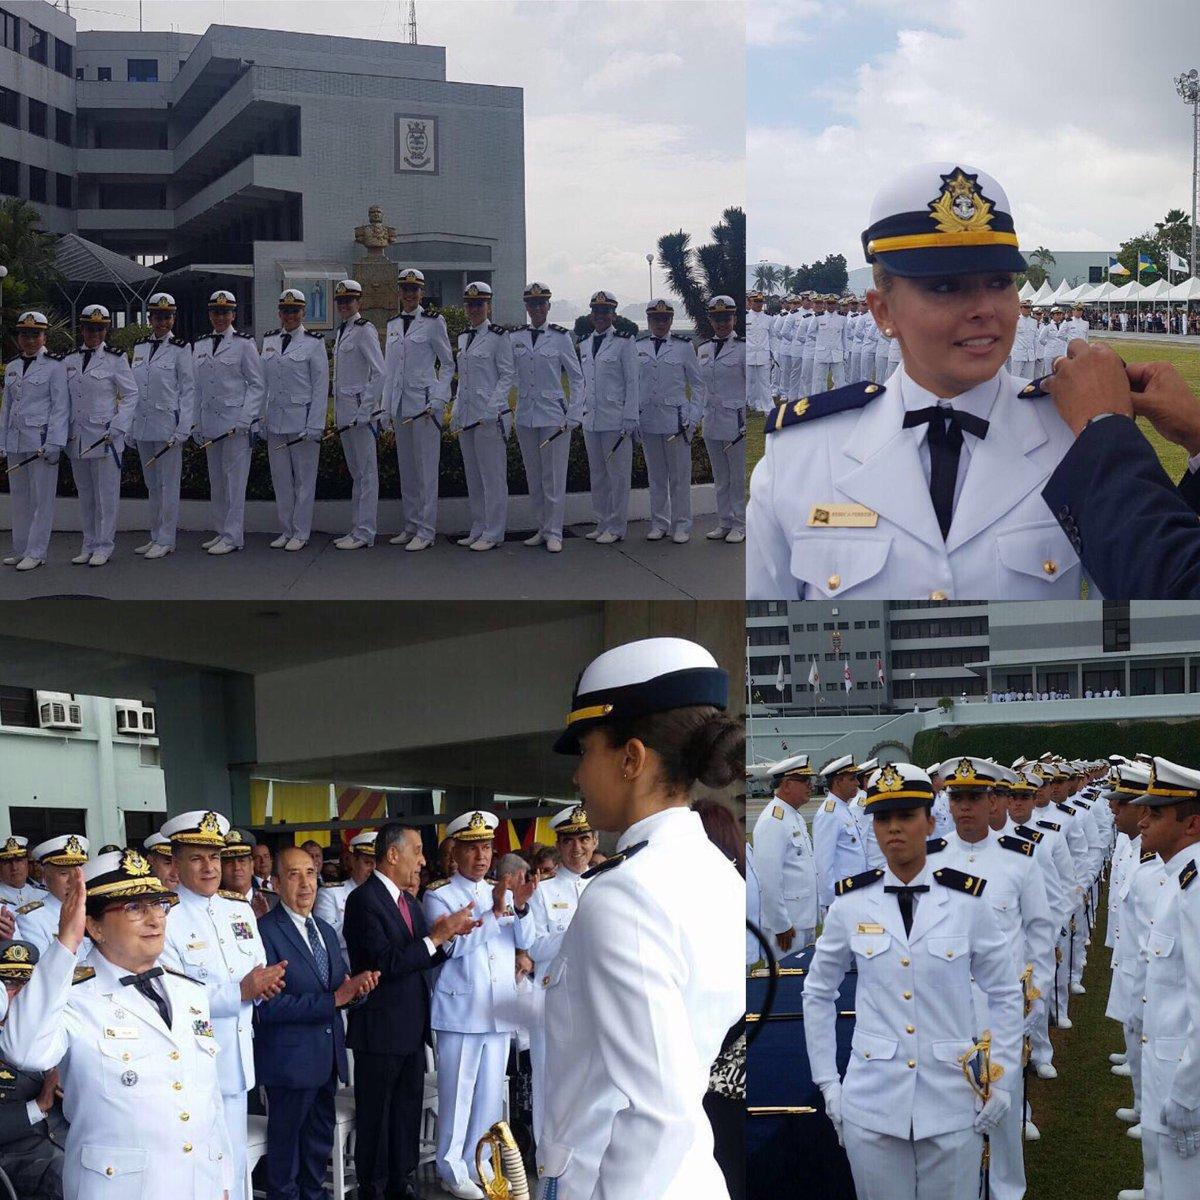 Marinha do Brasil on Twitter: